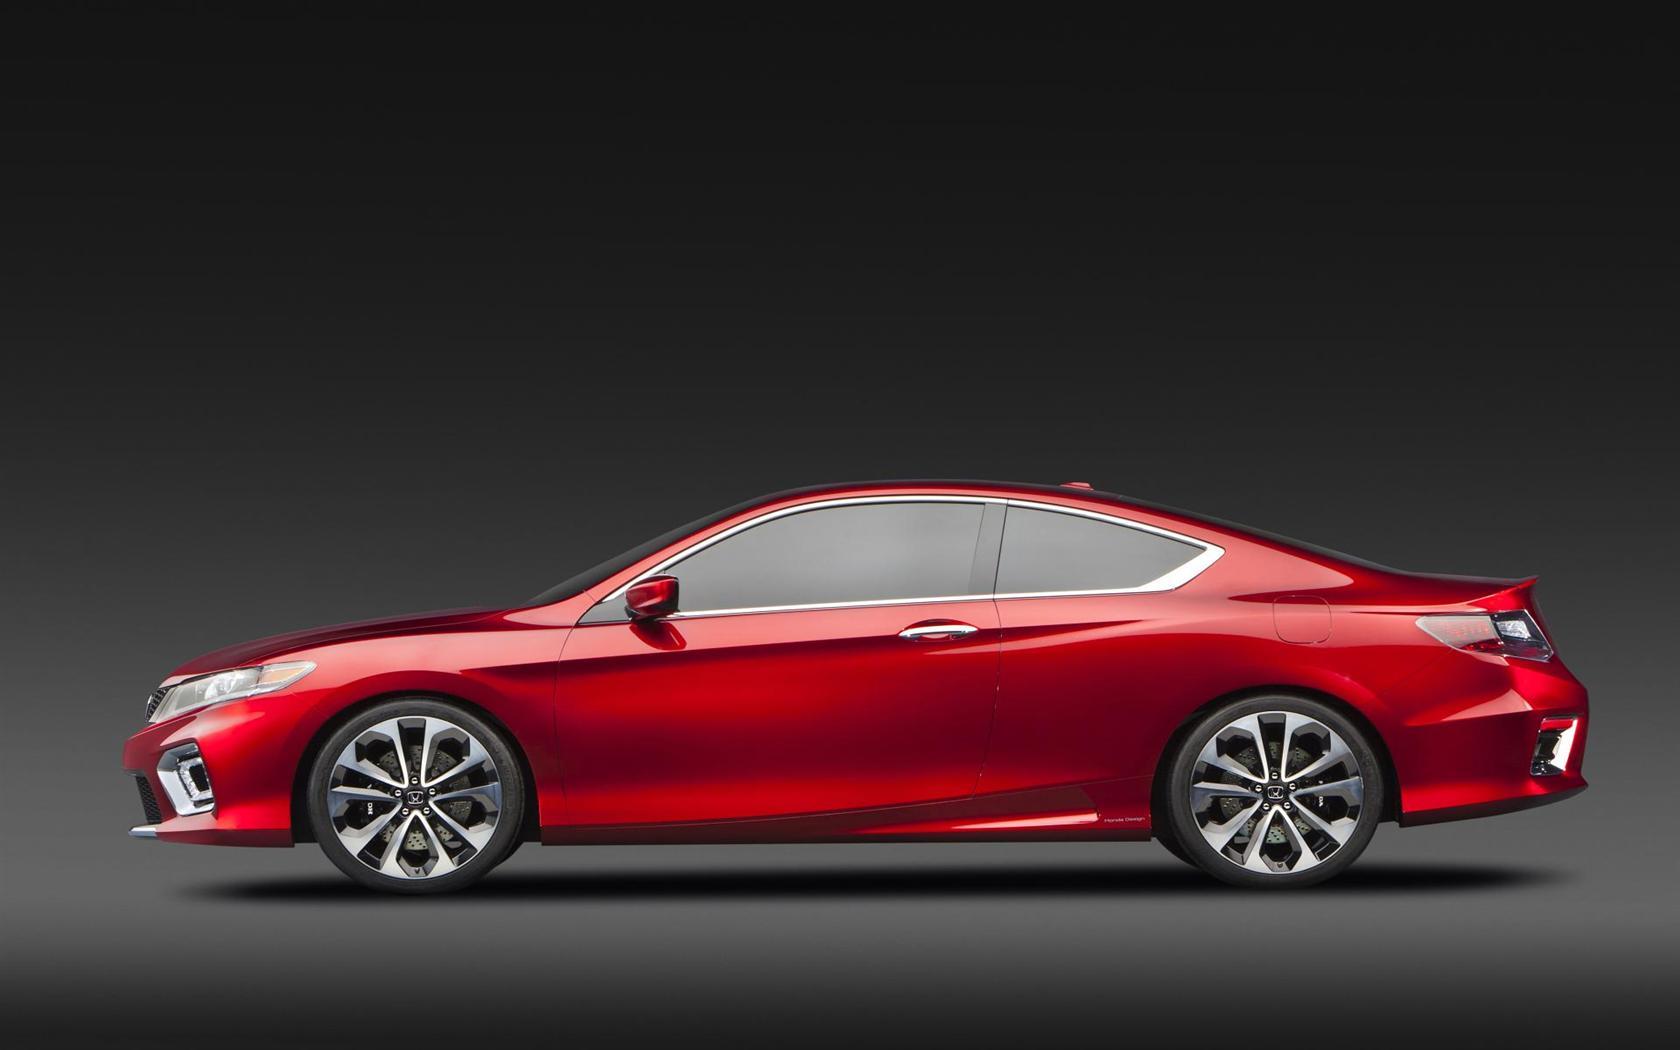 Honda 2018 Crosstour >> 2013 Honda Accord Coupe Concept Image. https://www.conceptcarz.com/images/Honda/2013-Honda ...